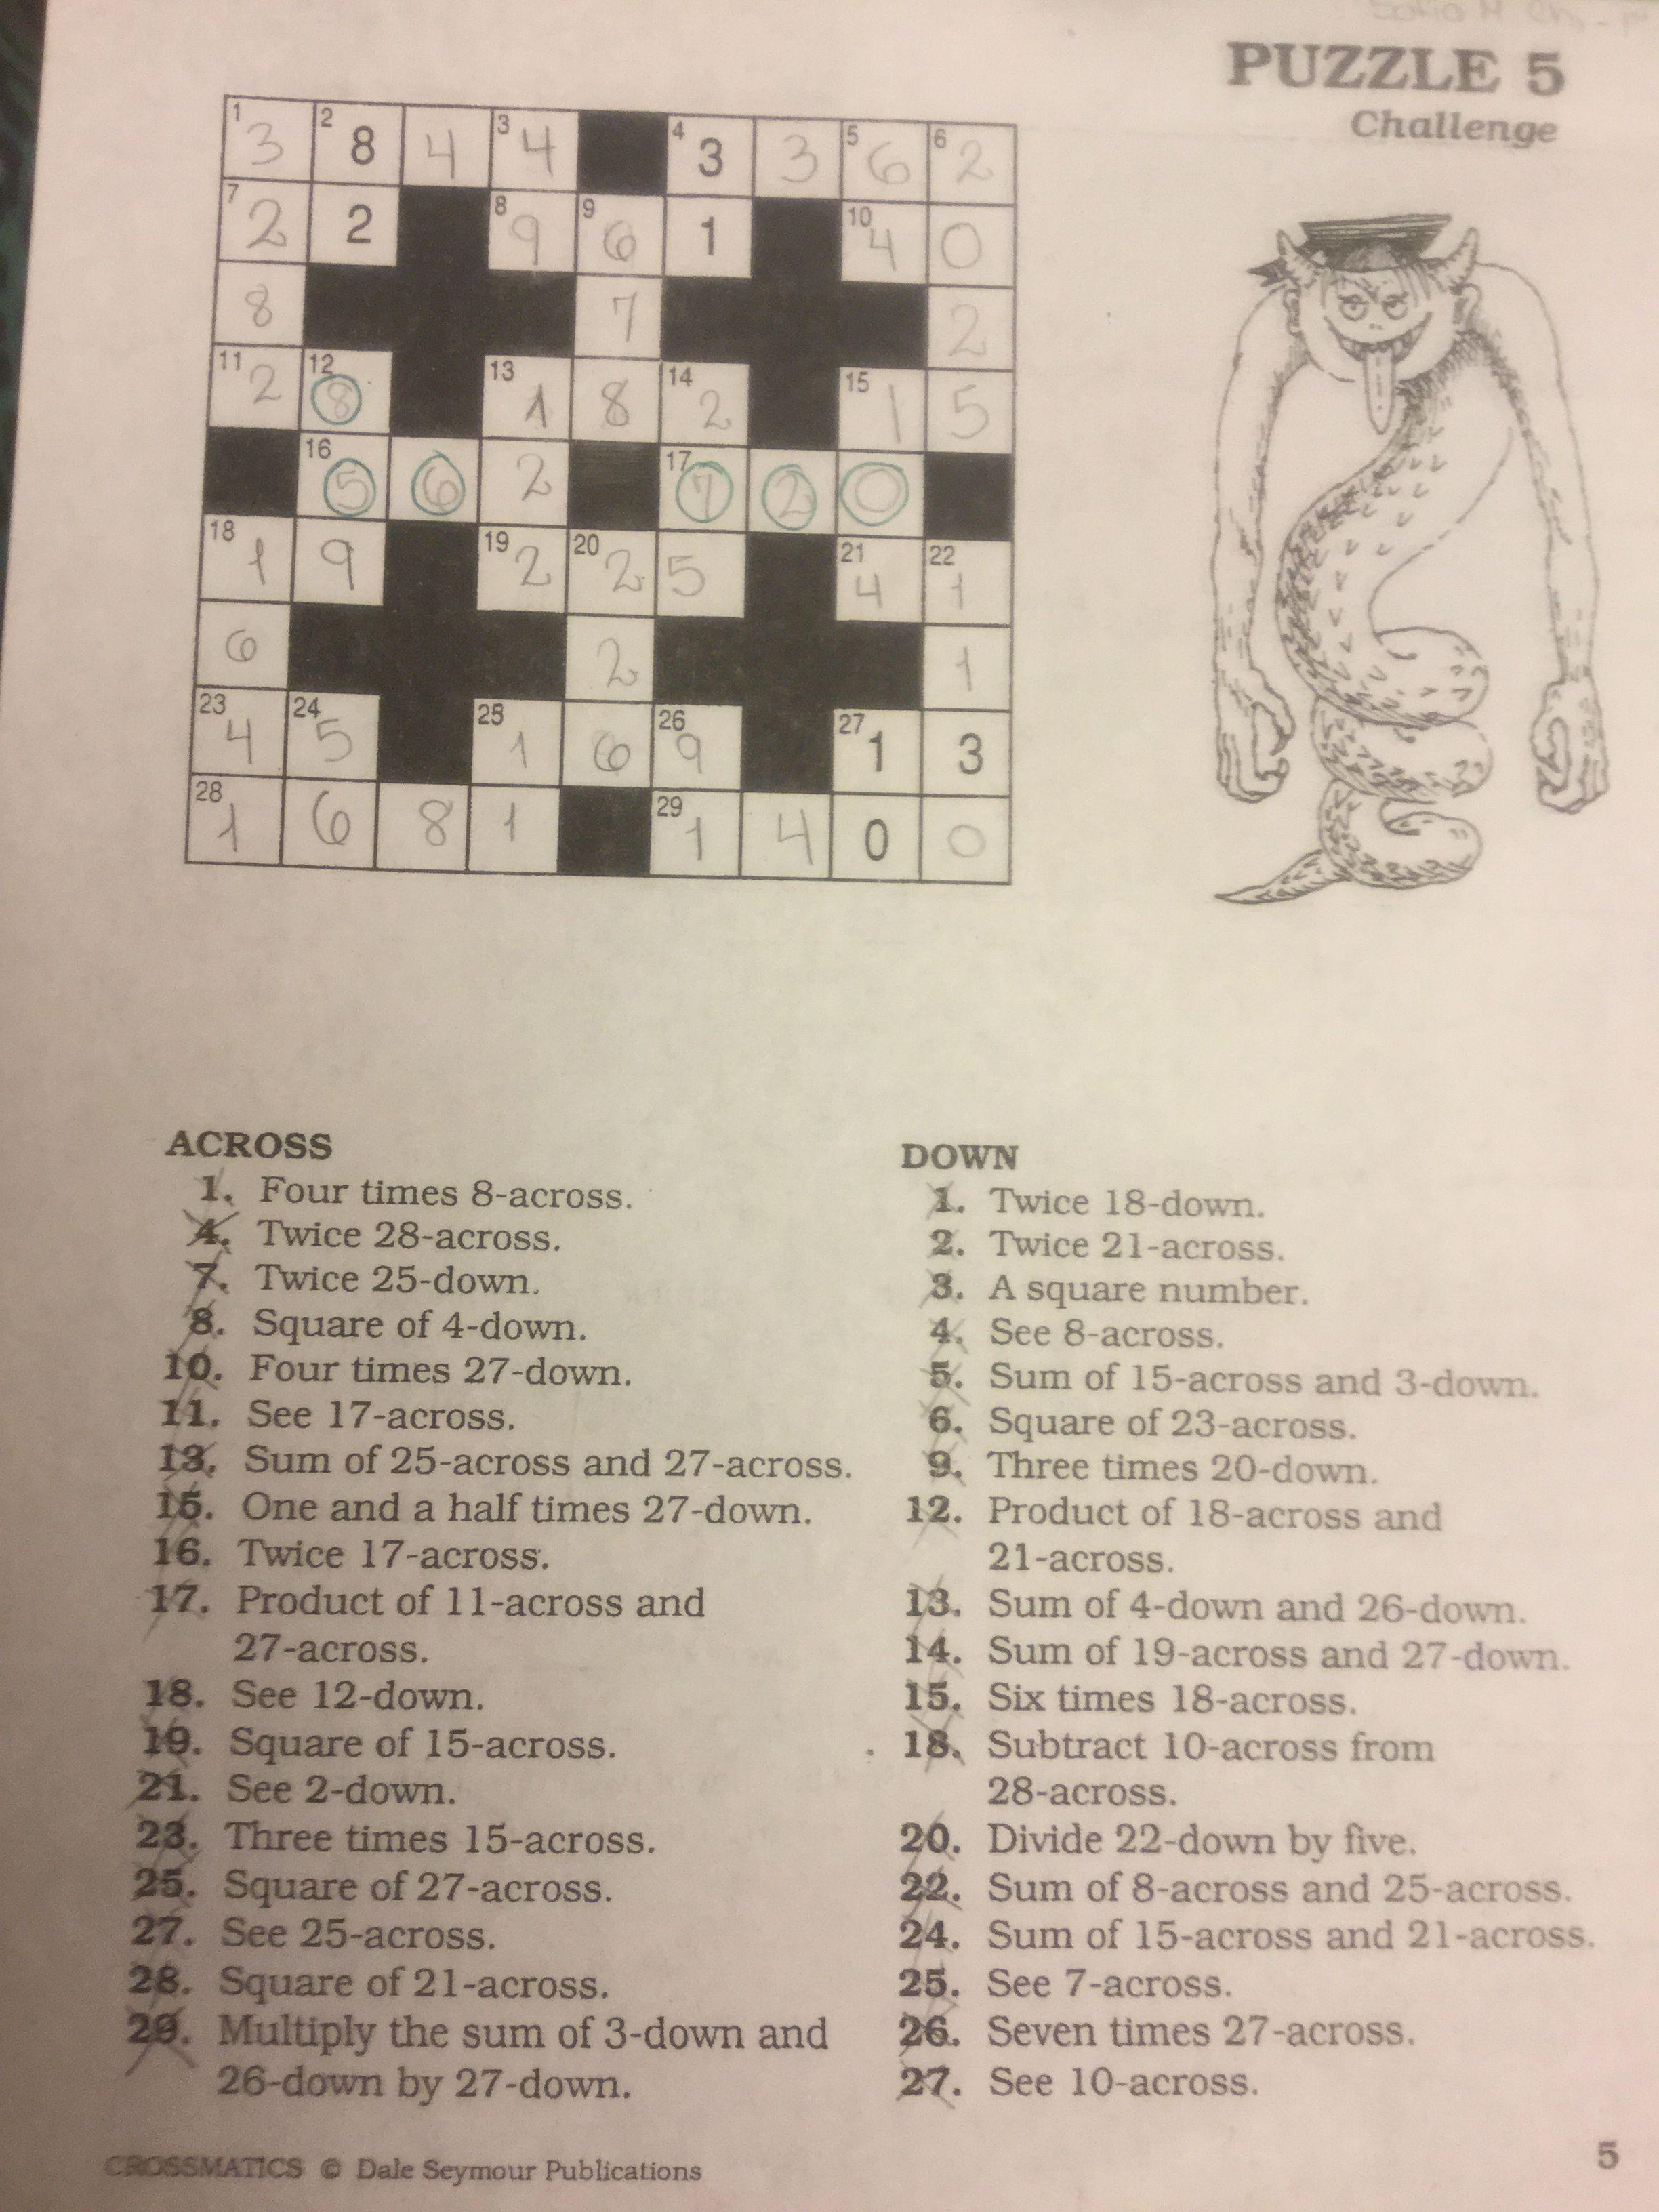 Puzzle #5 | Crossmatics ~ Dale Seymour Publications | Puzzle - Free Printable Crossword Puzzle #5